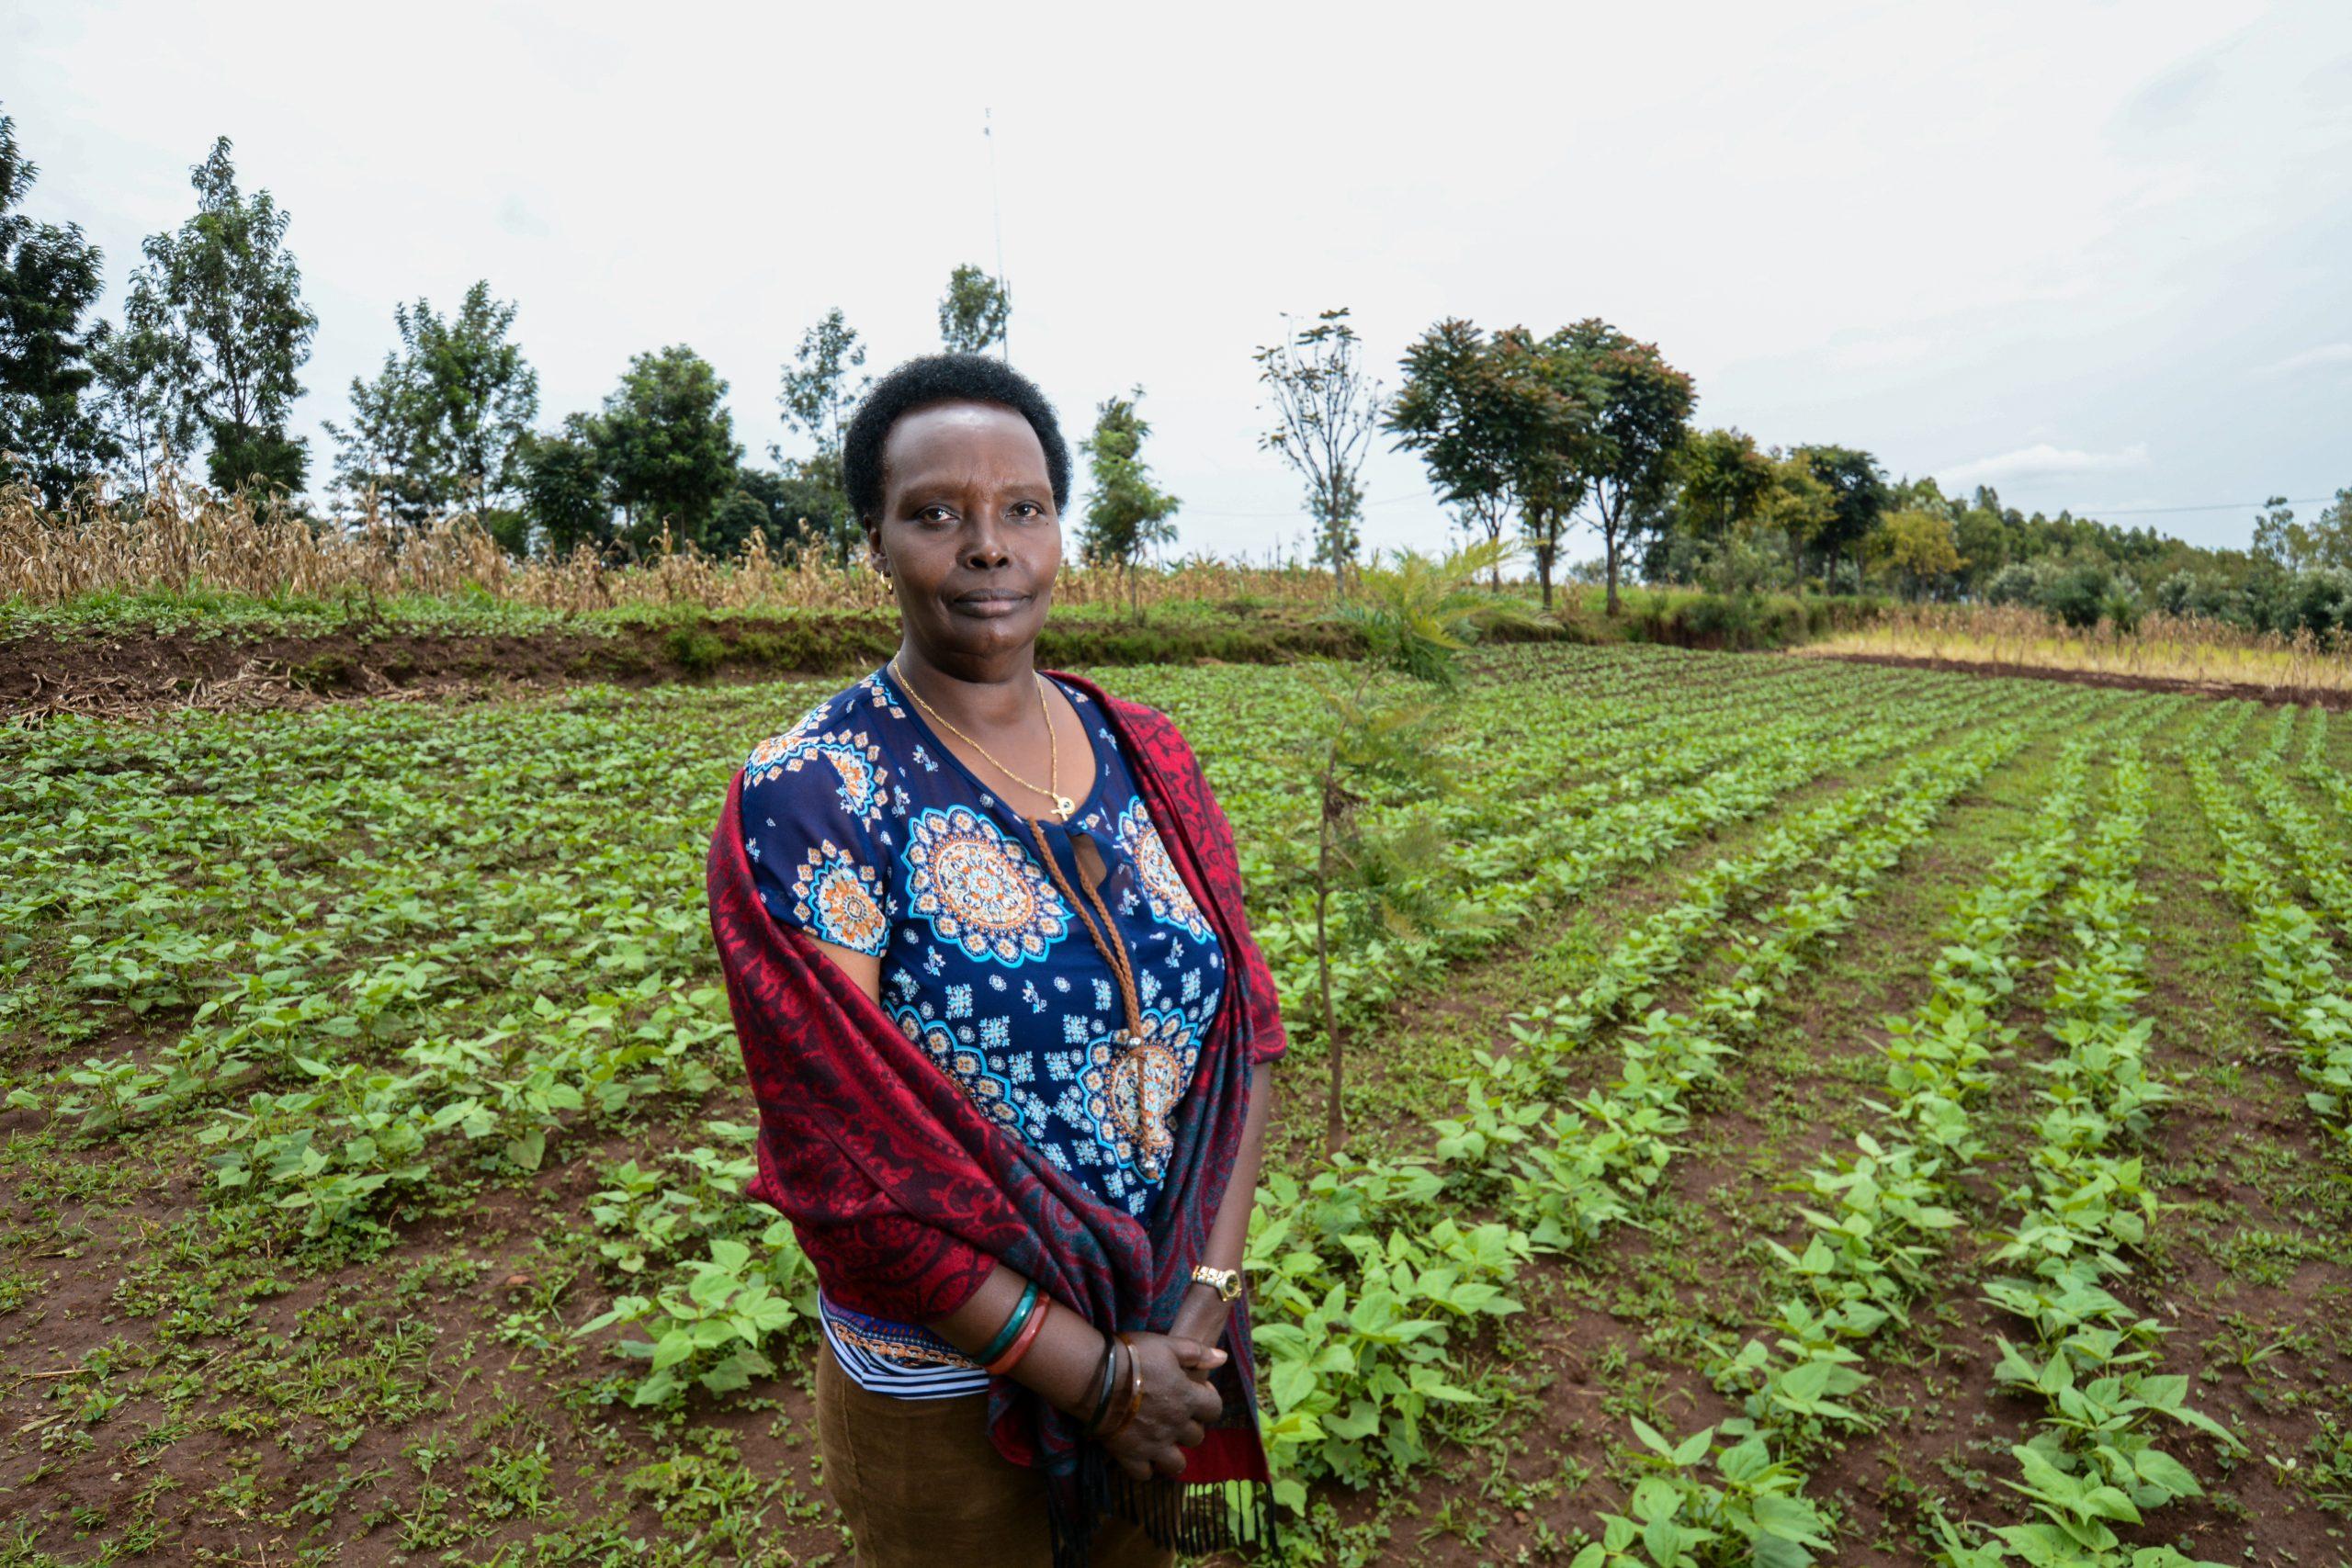 Landwirtin mit bewirtschaftetem Feld / GrowExpress Ltd.